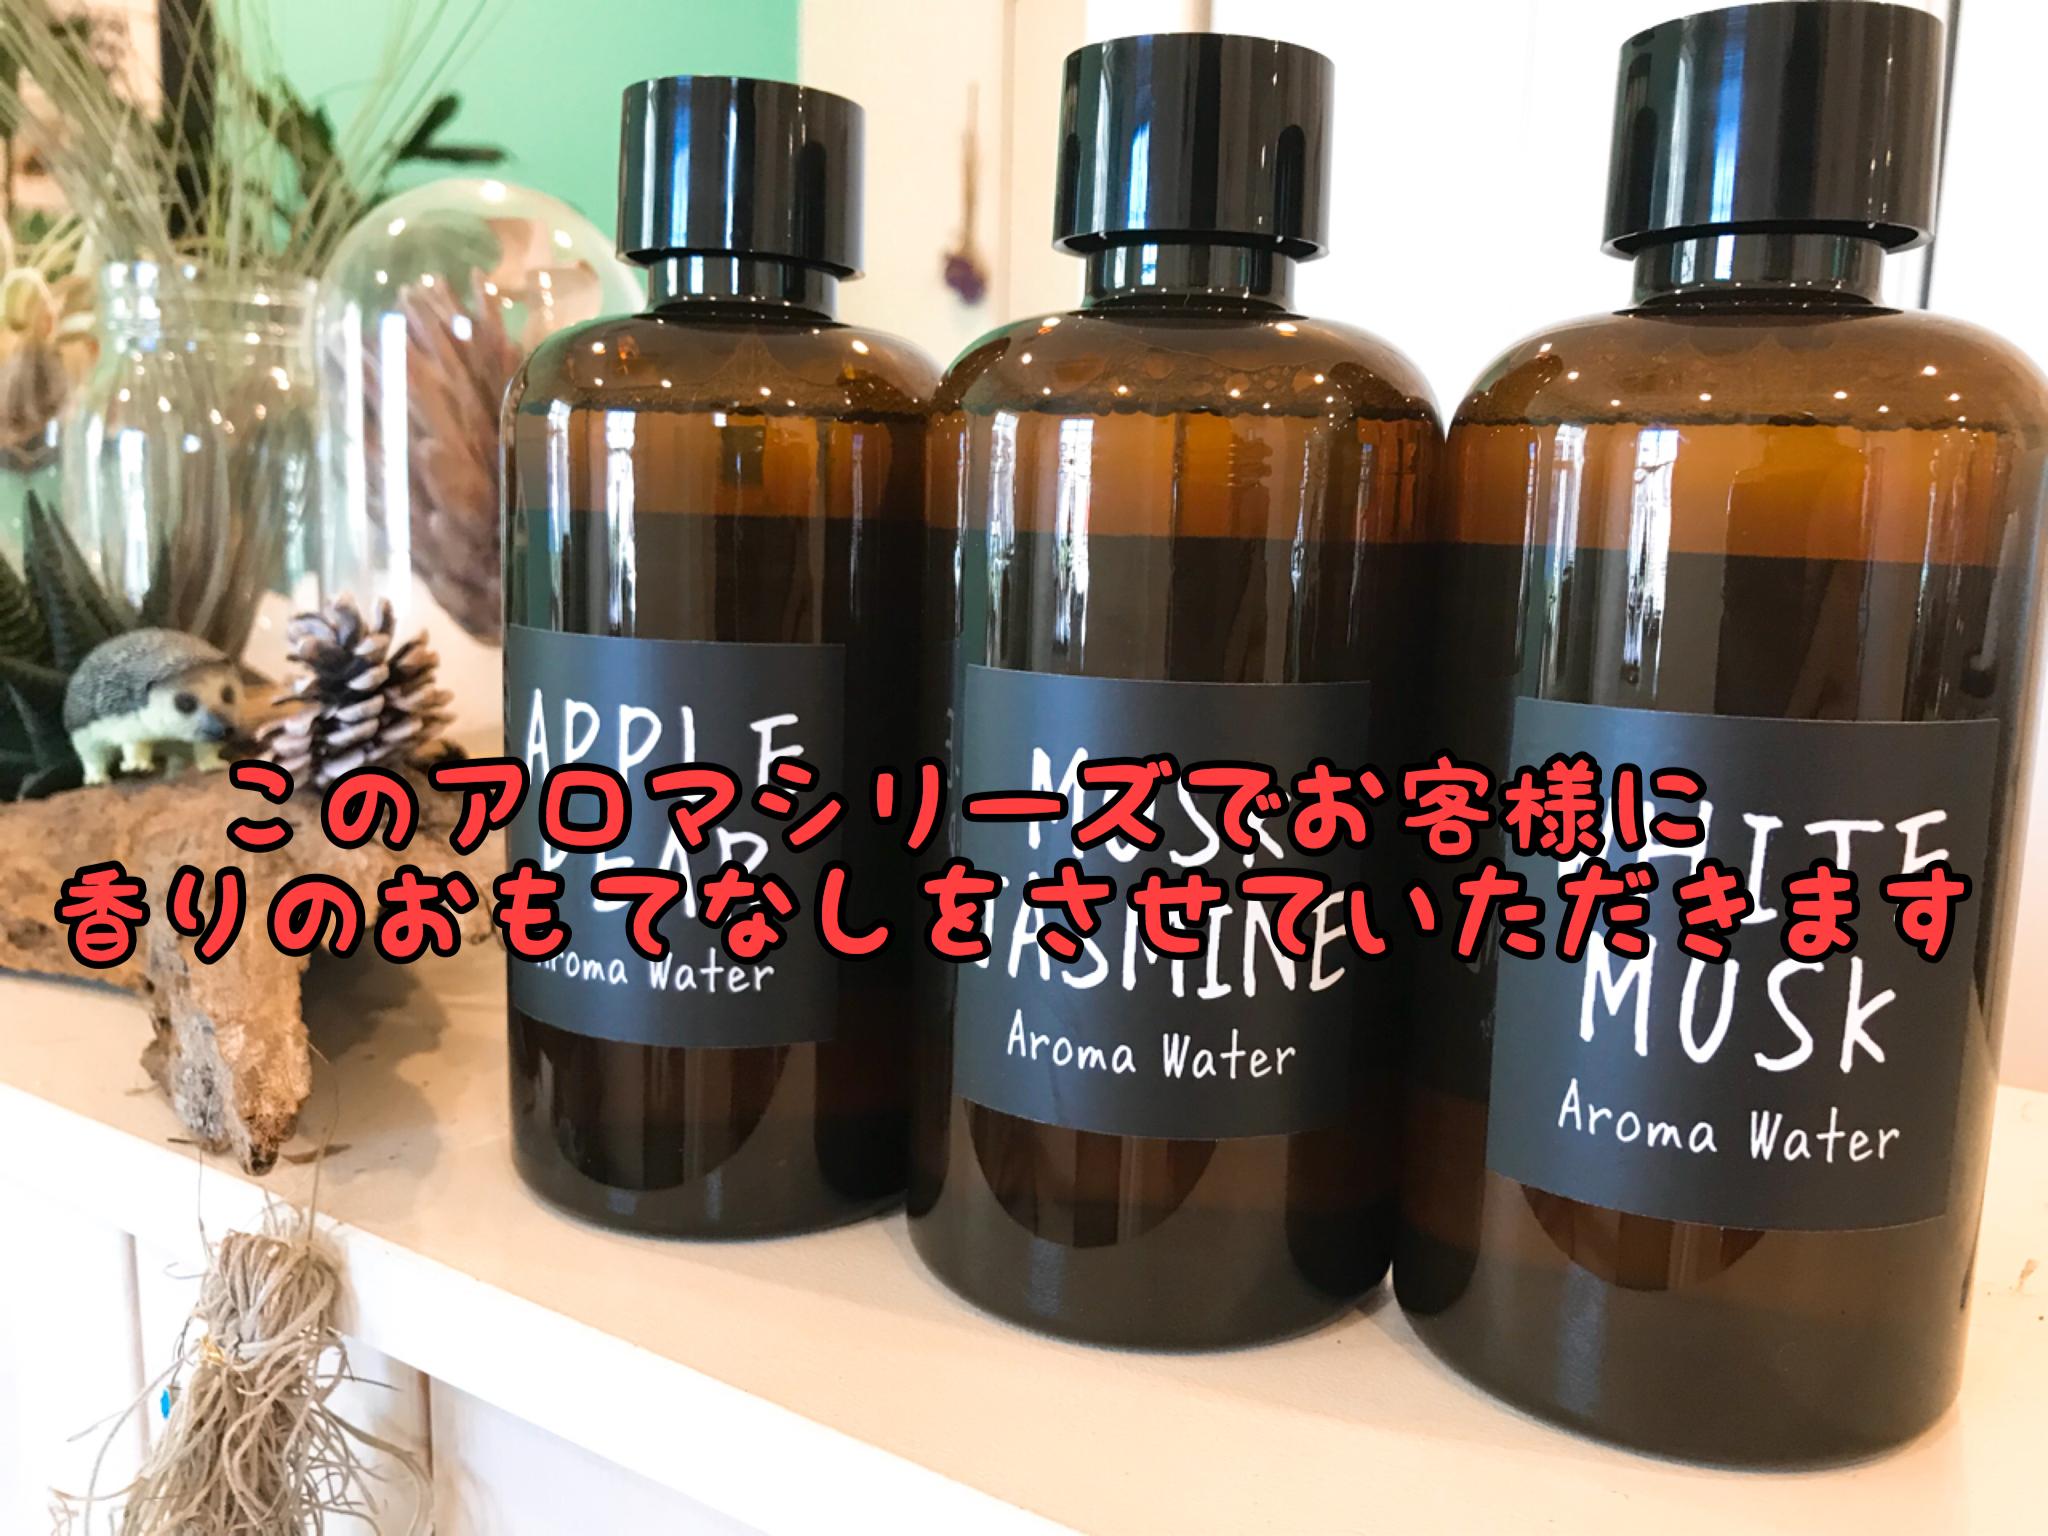 【マイブーム】最近ハマっているめっちゃいい匂いのアイテムのご紹介